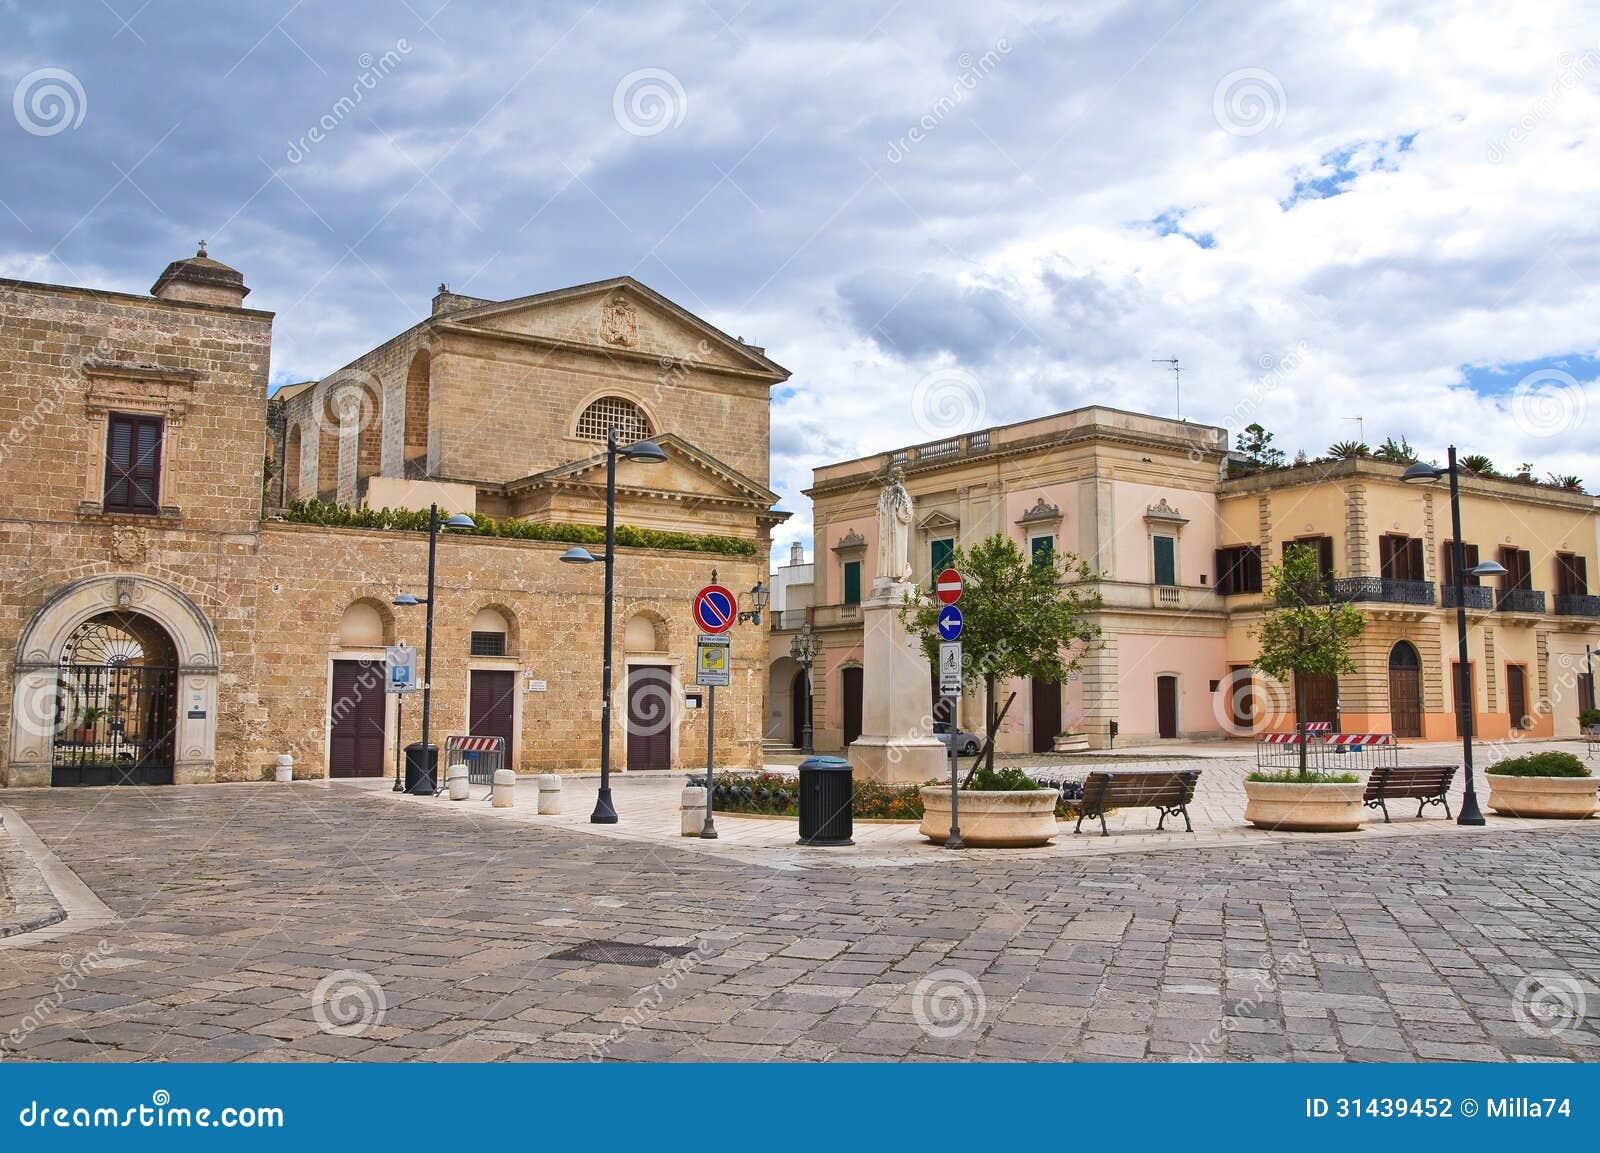 Alleyway. Ugento. Puglia. Italy.